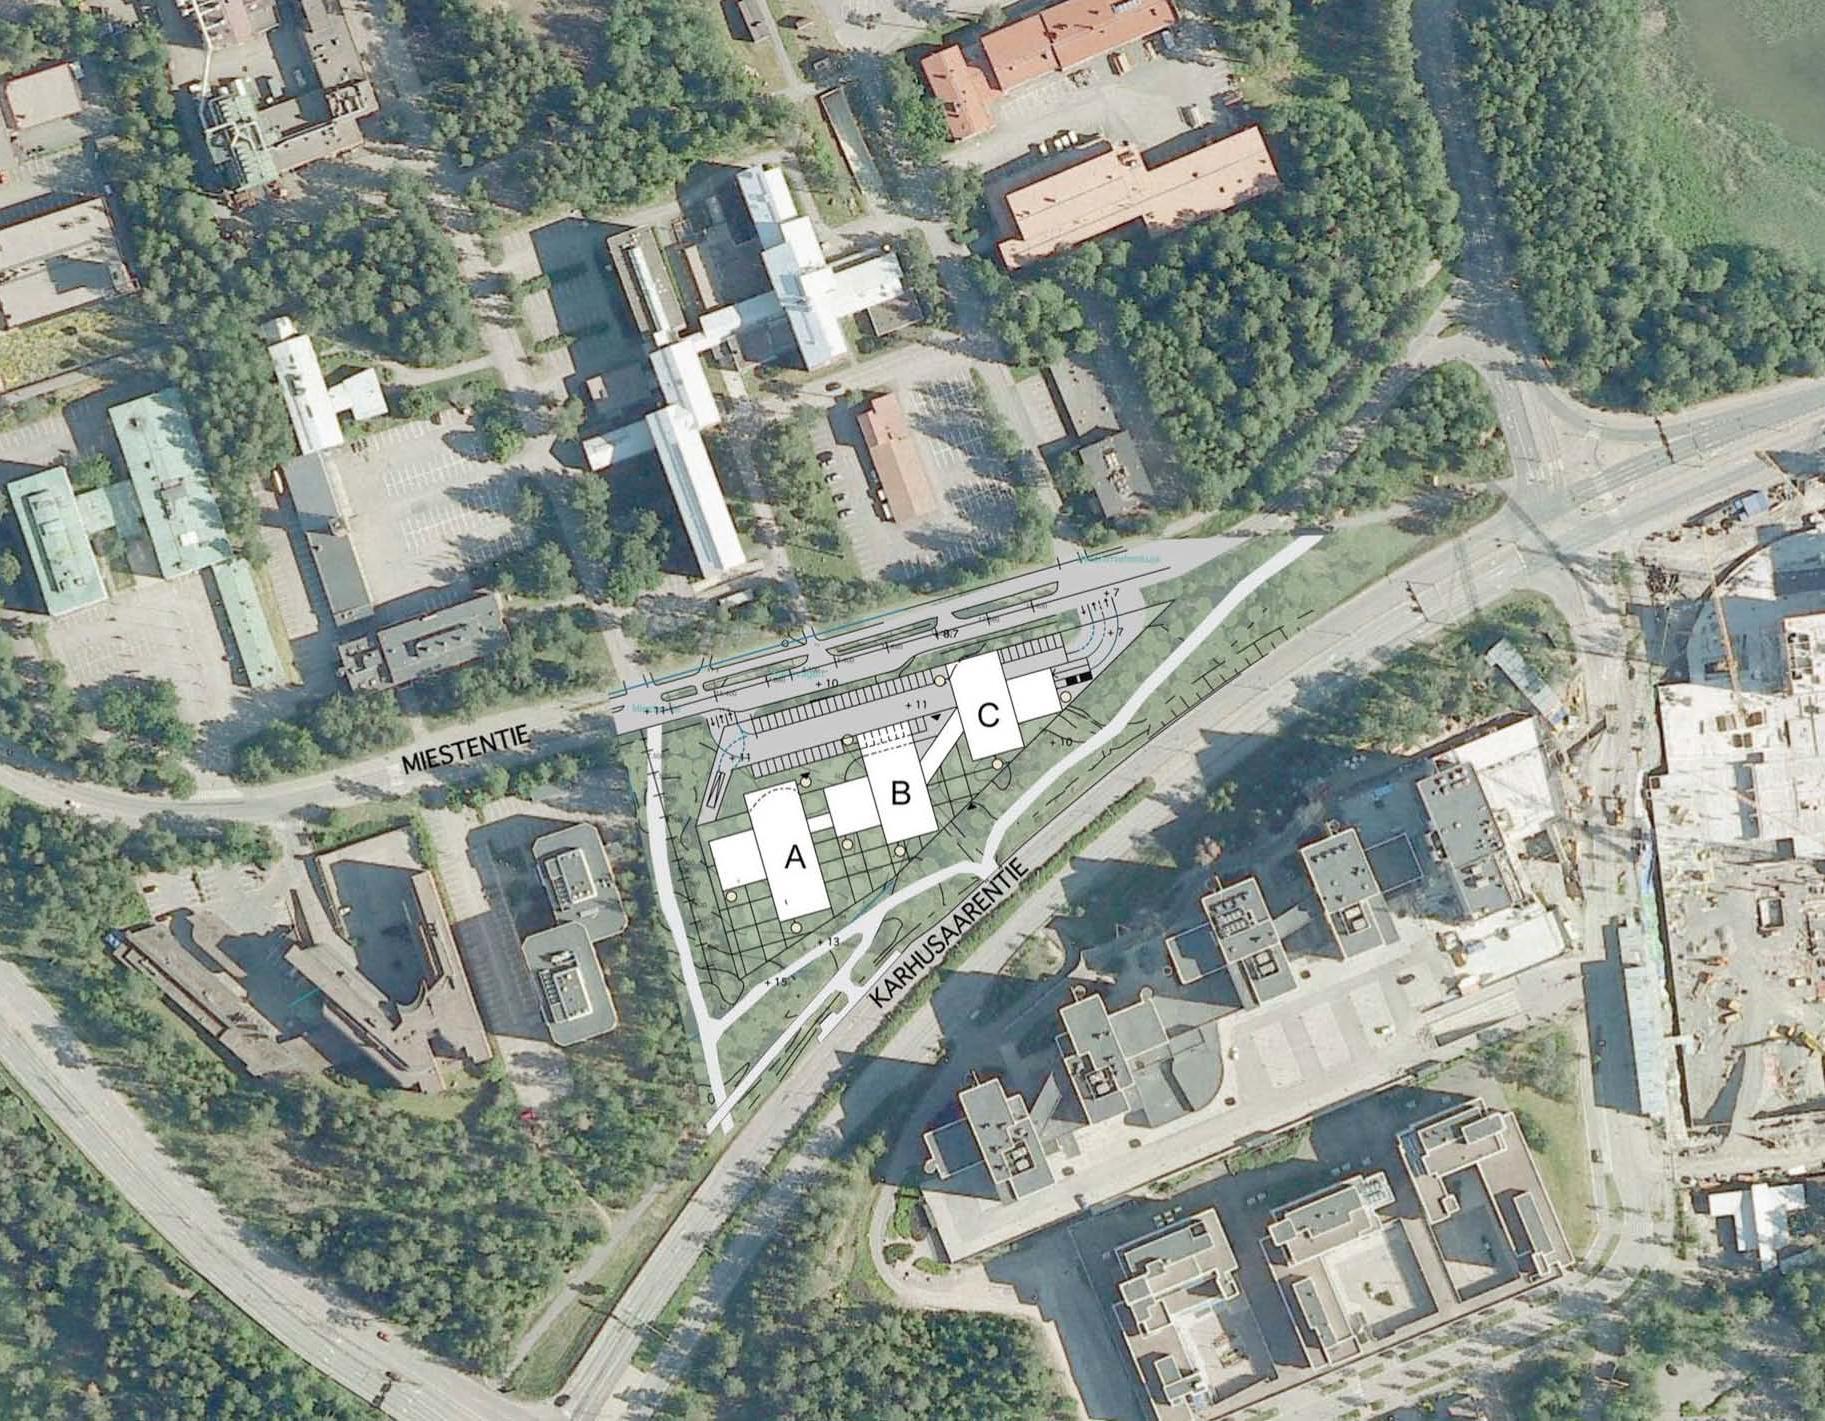 Miestentie 7 B-talo, 215m2, 3. kerros, Toimistotila